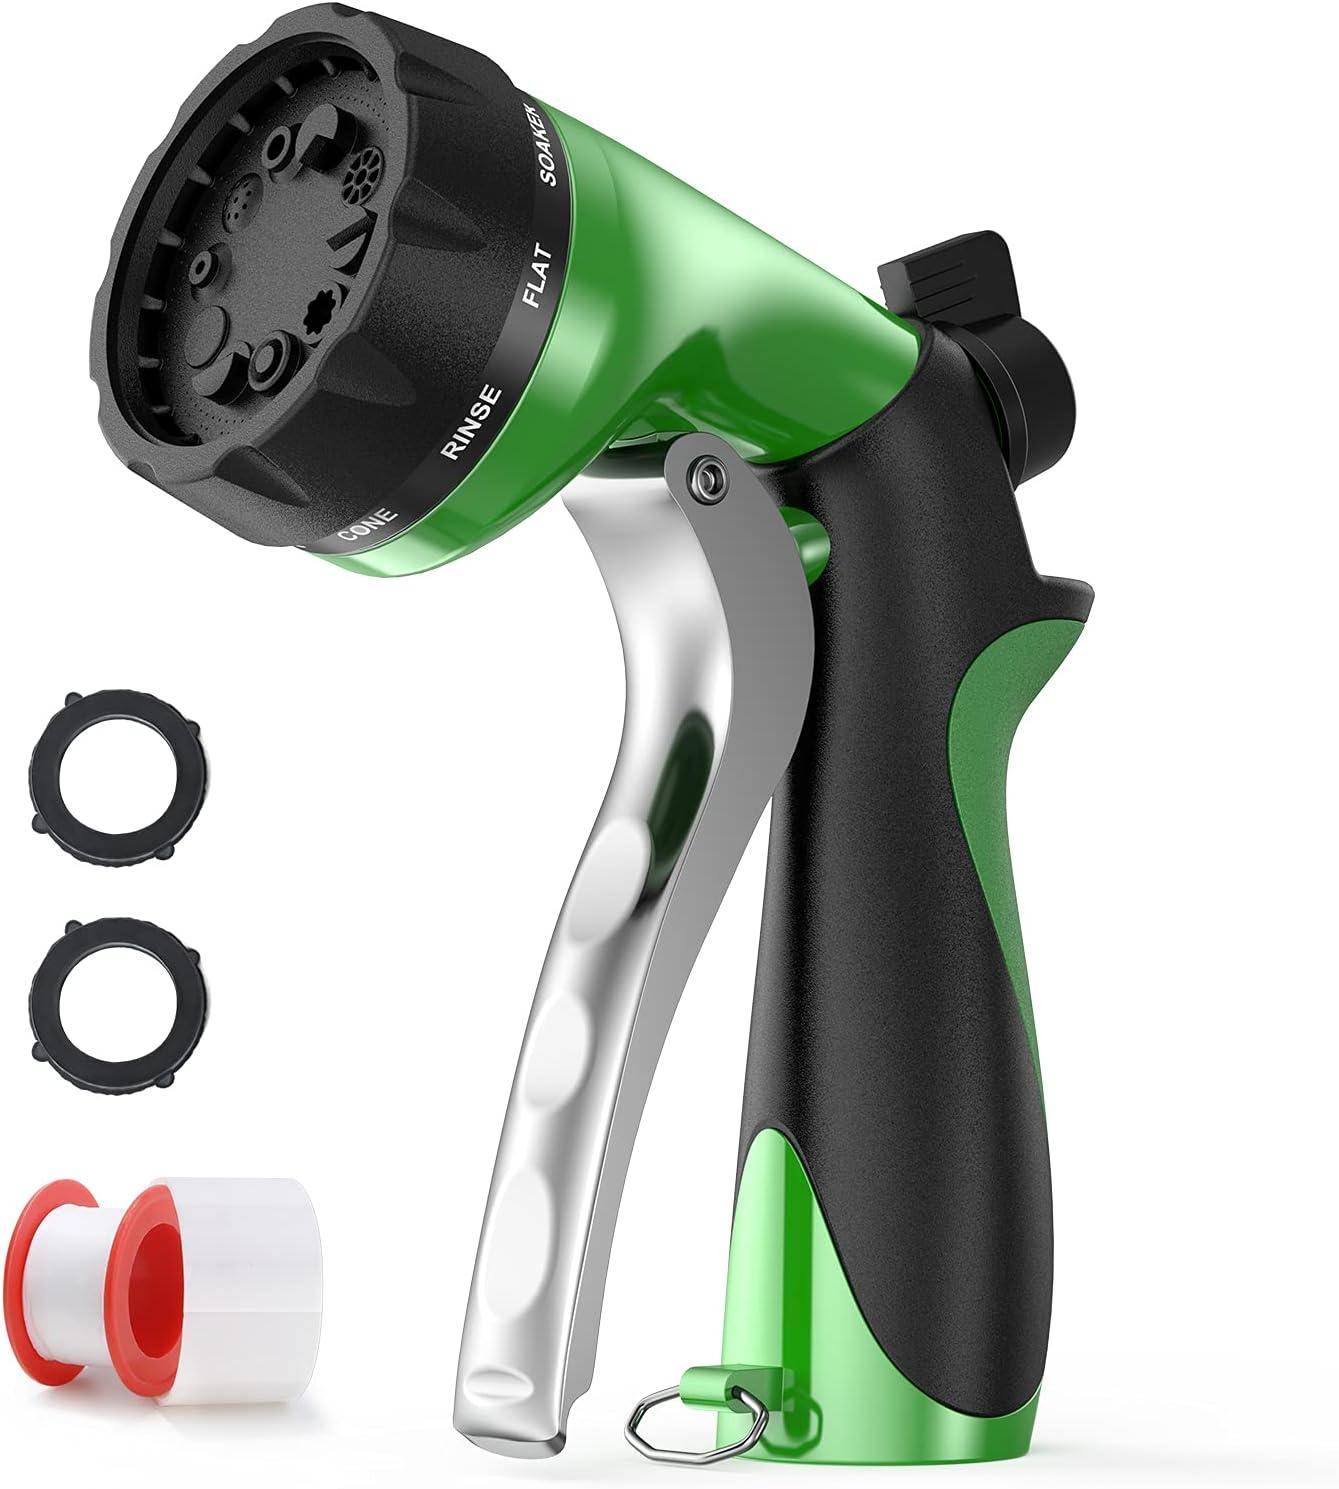 Snowpink Garden Hose Nozzle, Hose sprayer Nozzle, 3/4 Inch Garden Water Hose Nozzle Heavy Duty with 10 Adjustable Spray Patterns, Flow Control, Garden Hose Spray Nozzle for Hose(Green)